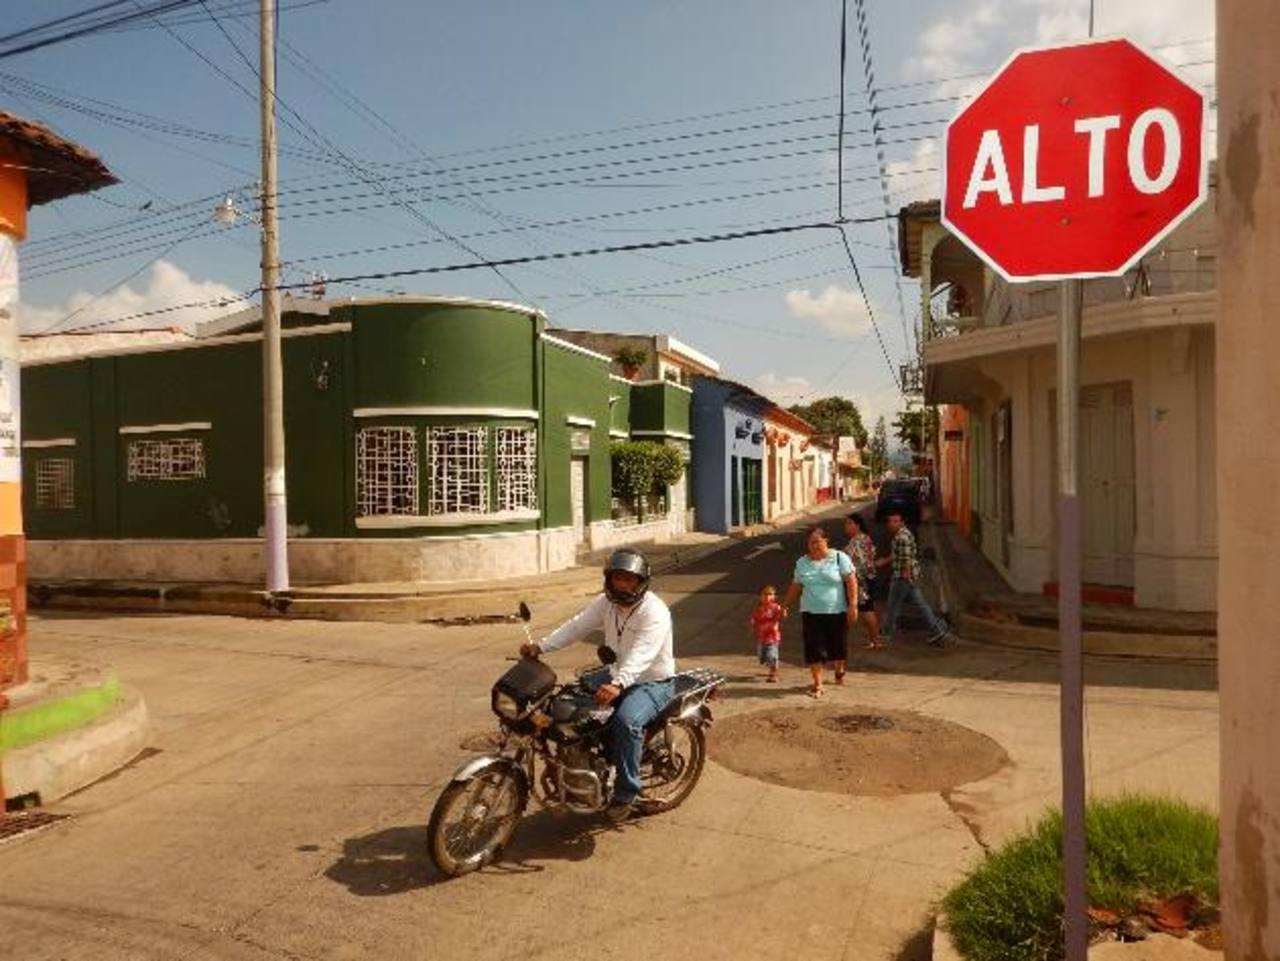 """En el centro del municipio han colocado nuevas señales de tránsito; aunque vecinos critican porque las autoridades cambiaron sentido a algunas vías; mientras que modificaron las ubicaciones de los """"Altos"""". El proyecto fue acompañado con el recarpeteo"""